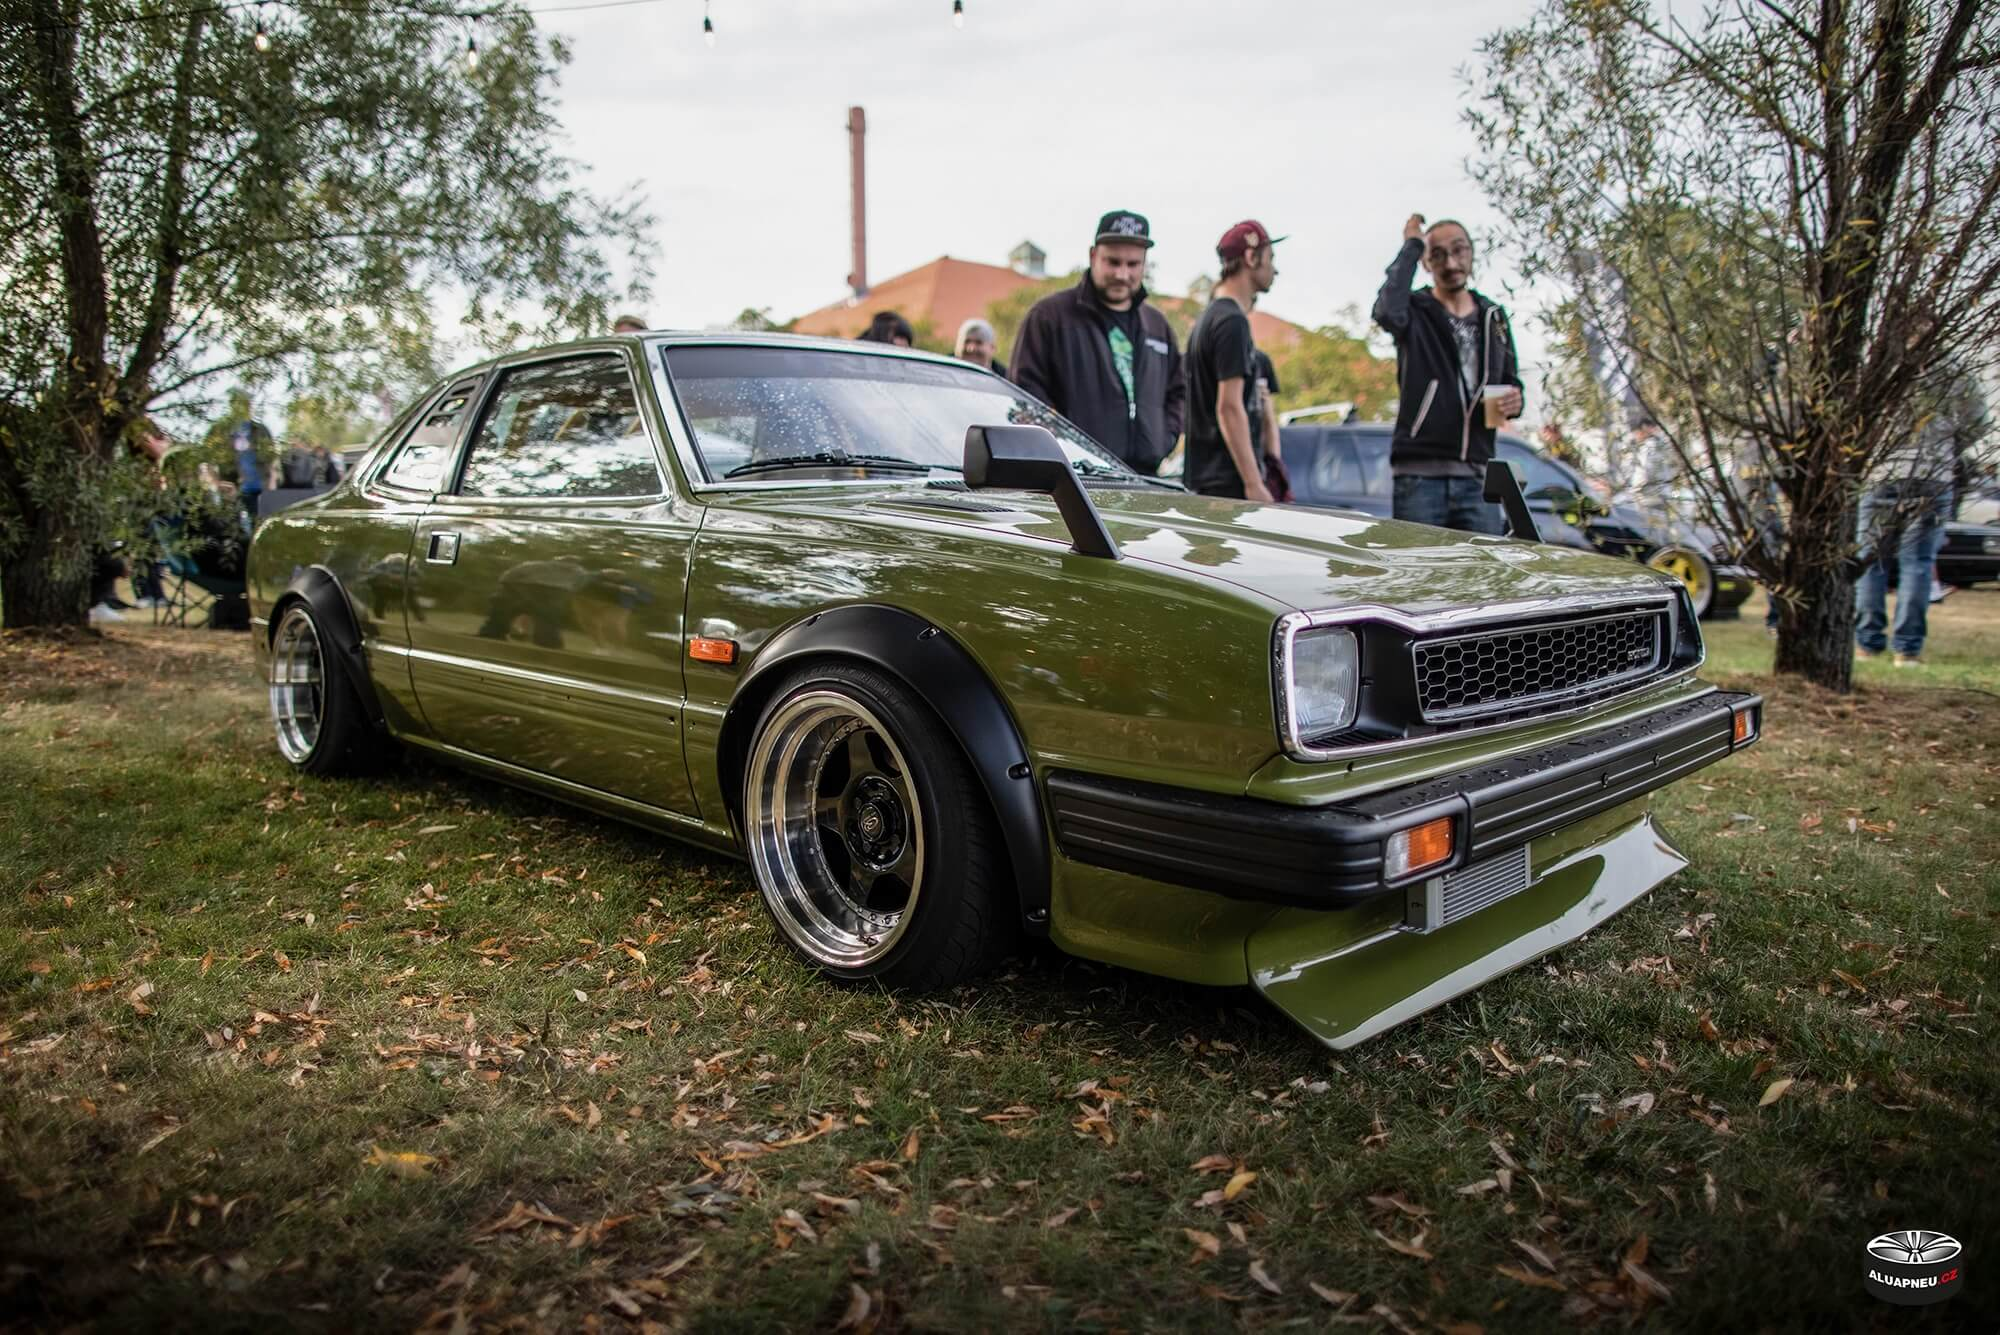 Černá alu kola s leštěným límcem - Honda Civic - XS Classic Carnight 5.0 - Drážďany tuning sraz 2019 - www.aluapneu.cz